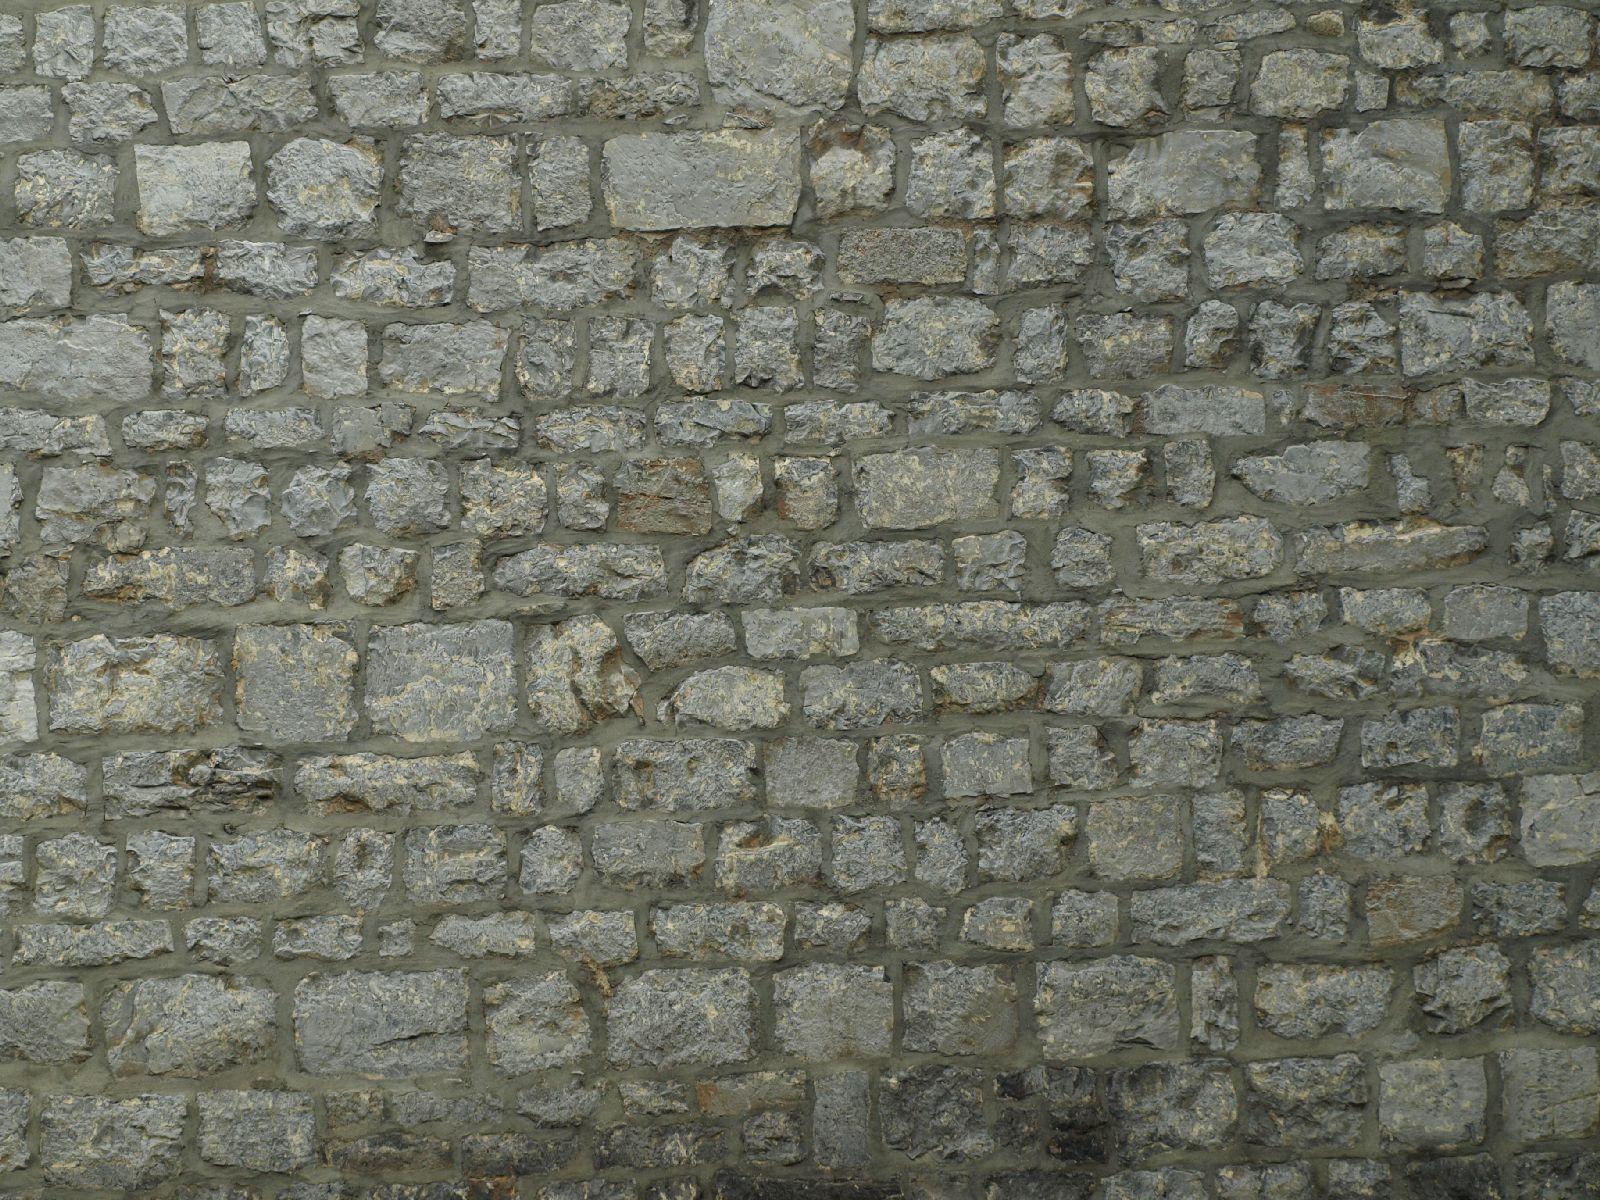 Wand-Bruchstein_Textur_A_P8164416